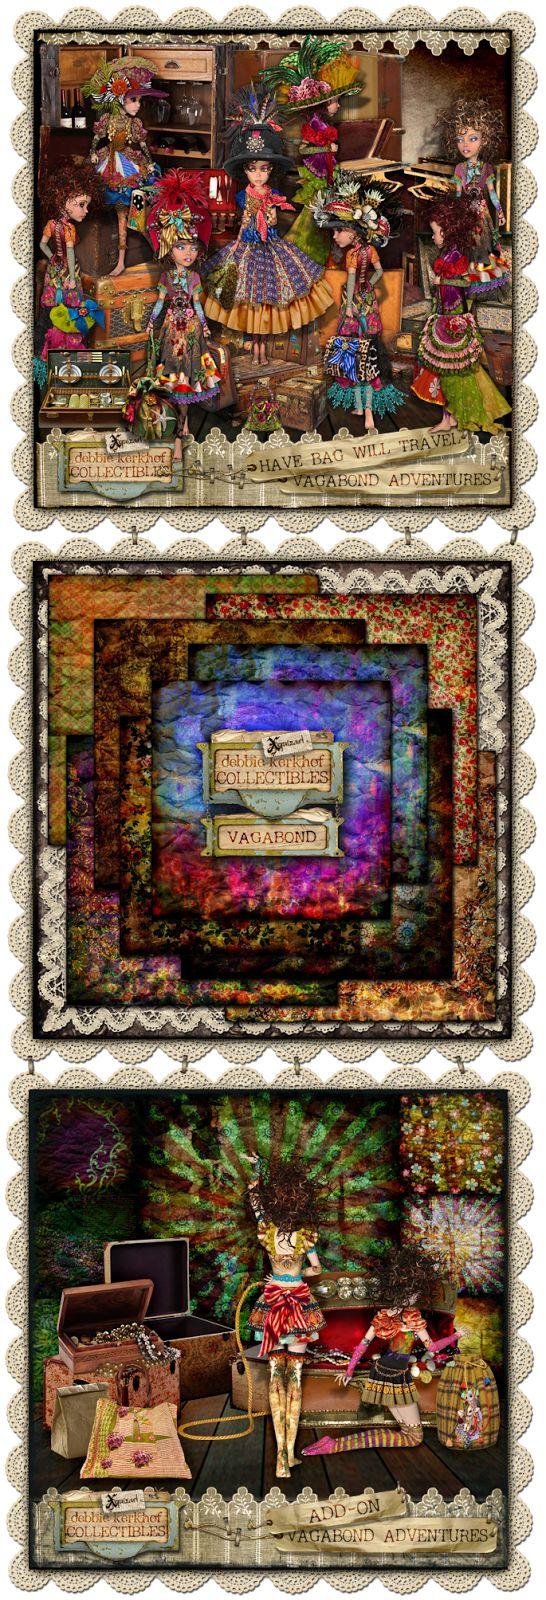 xquizart digital graphics: Vagabond